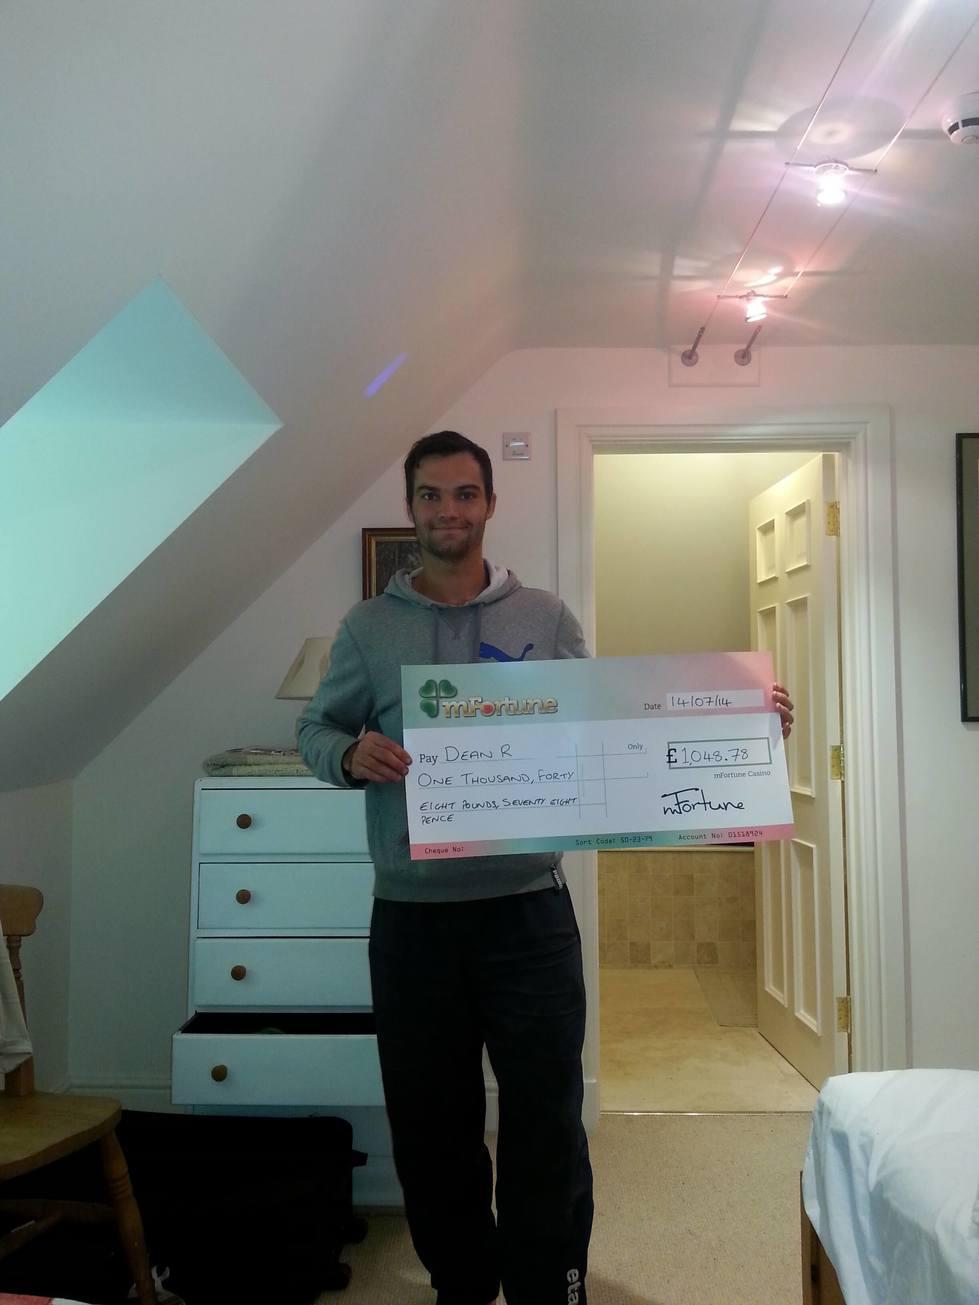 Dean R won £ 1,048